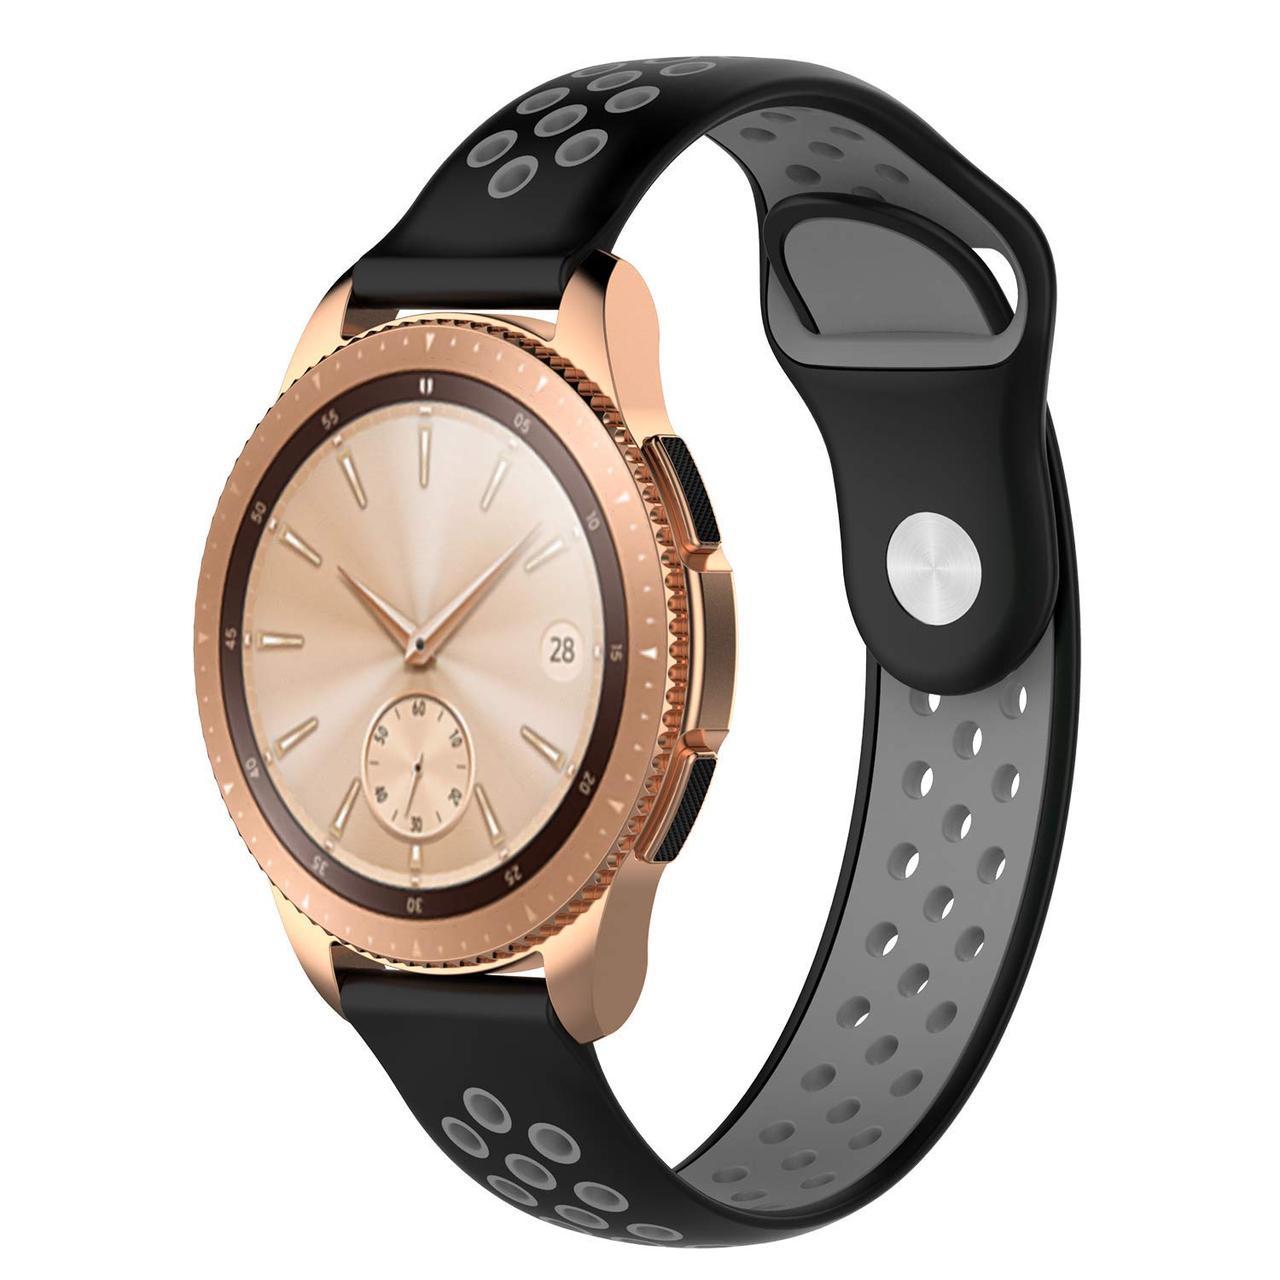 Ремінець BeWatch для смарт-годин Samsung Galaxy Watch 42 мм Black/Gray (1010114.2)